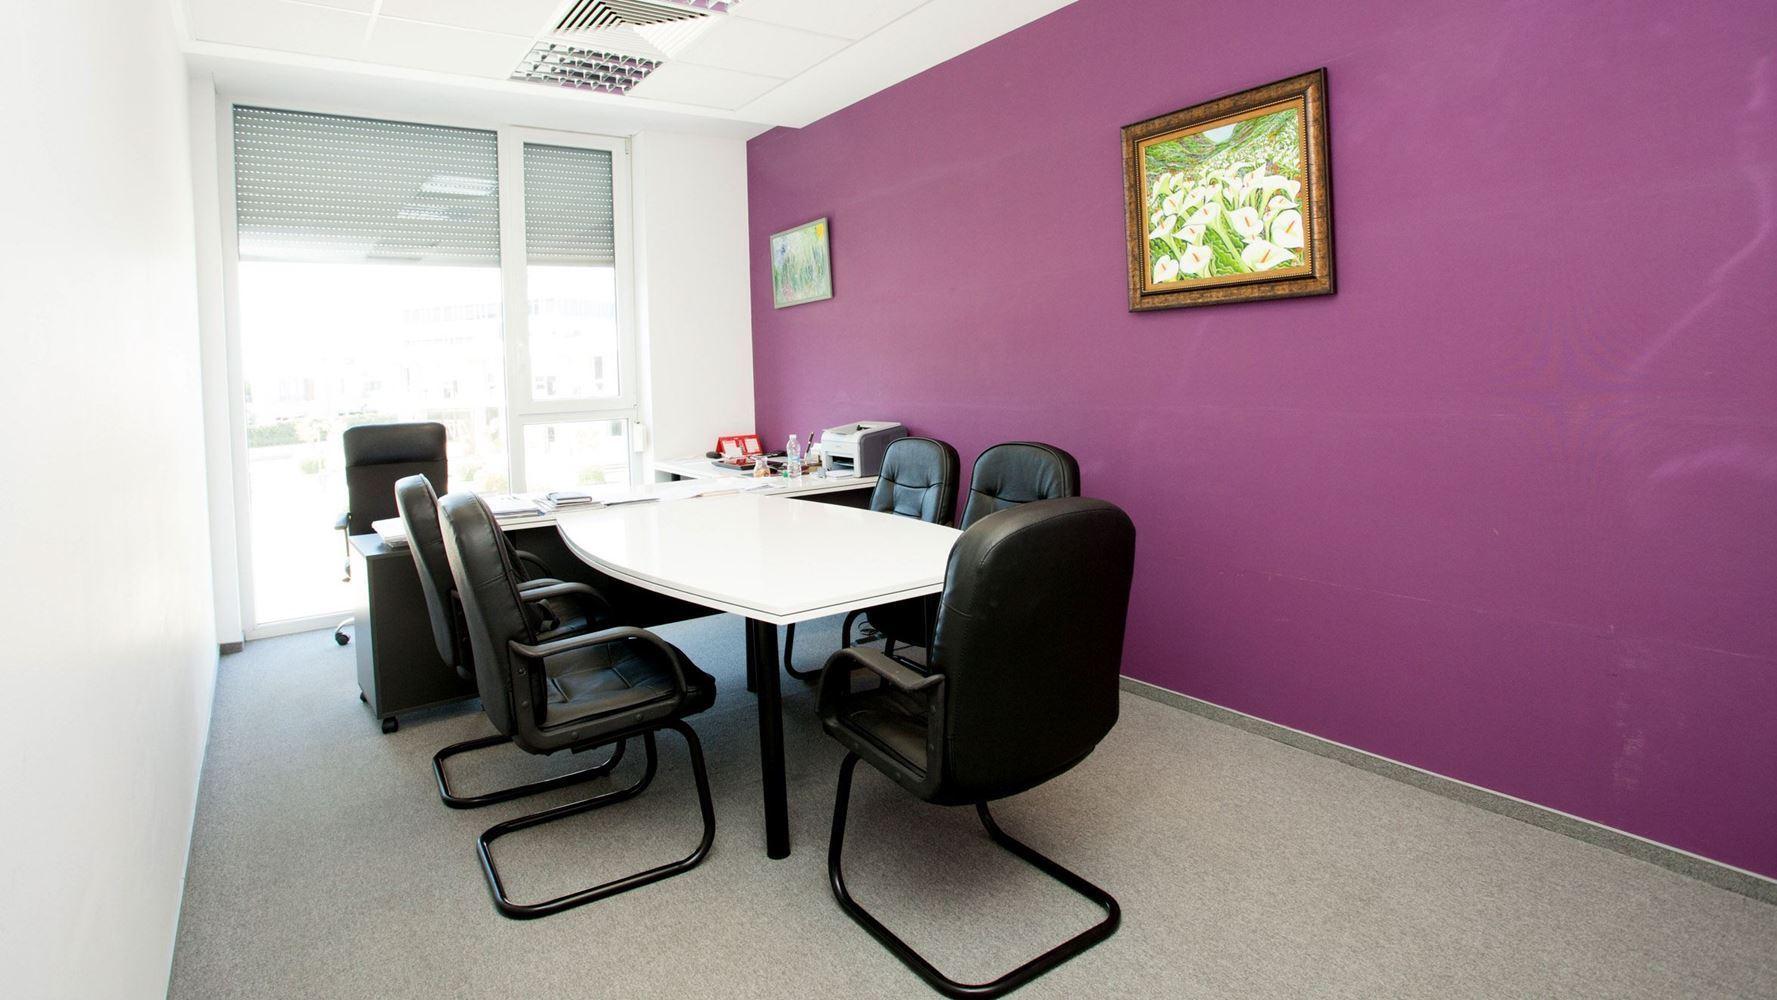 Office for Rent, Malinova Dolina